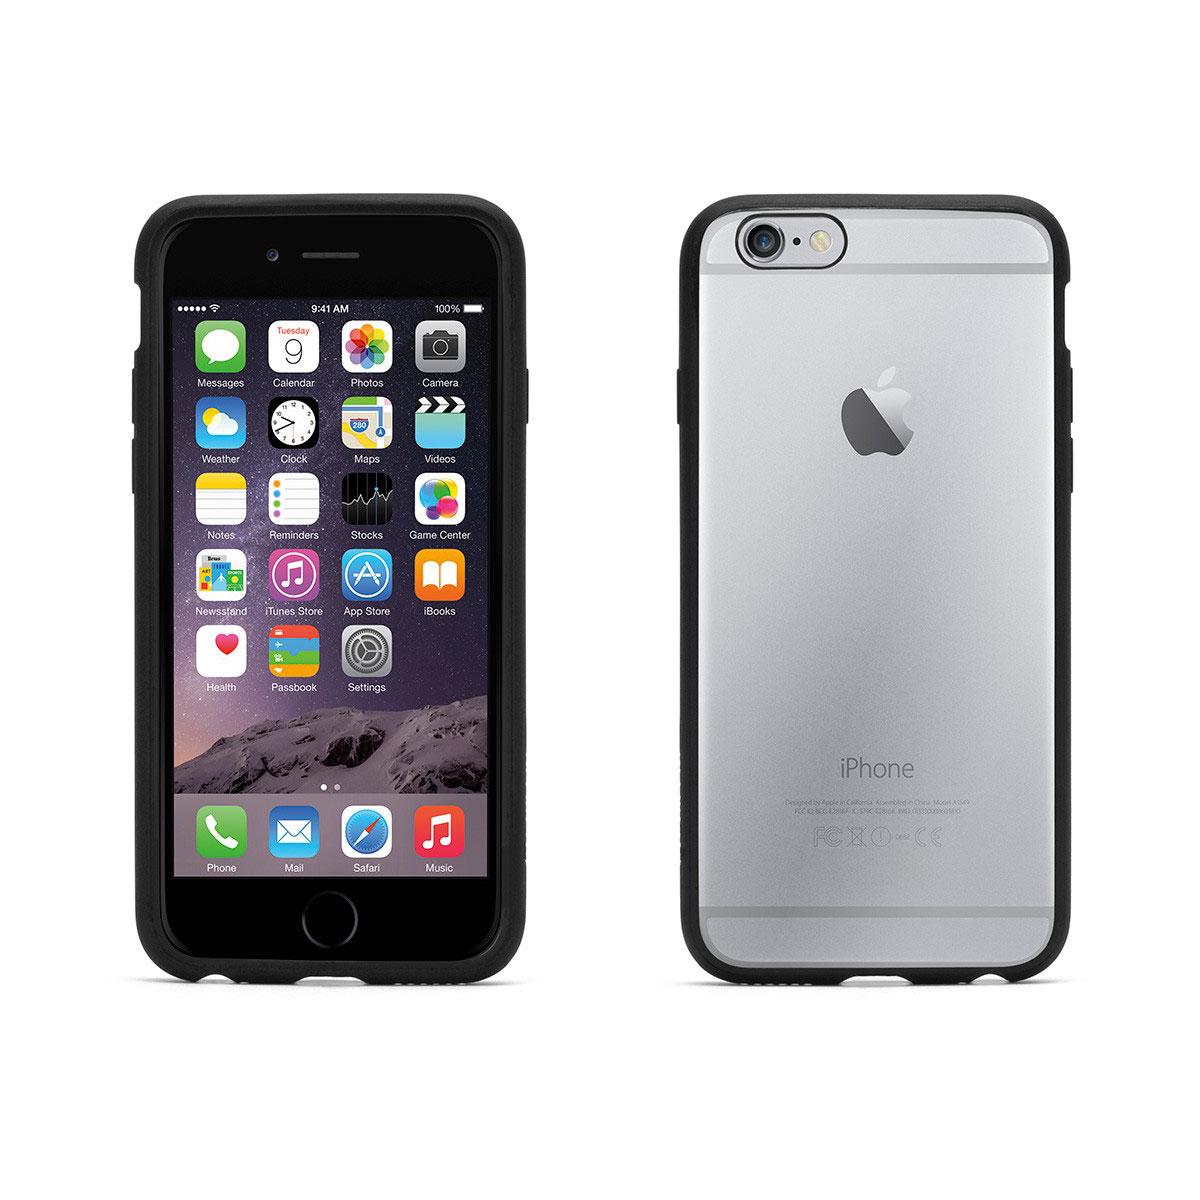 Etui téléphone Griffin Reveal Noir/Transparent Apple iPhone 6/6s Coque de protection pour iPhone 6/6s